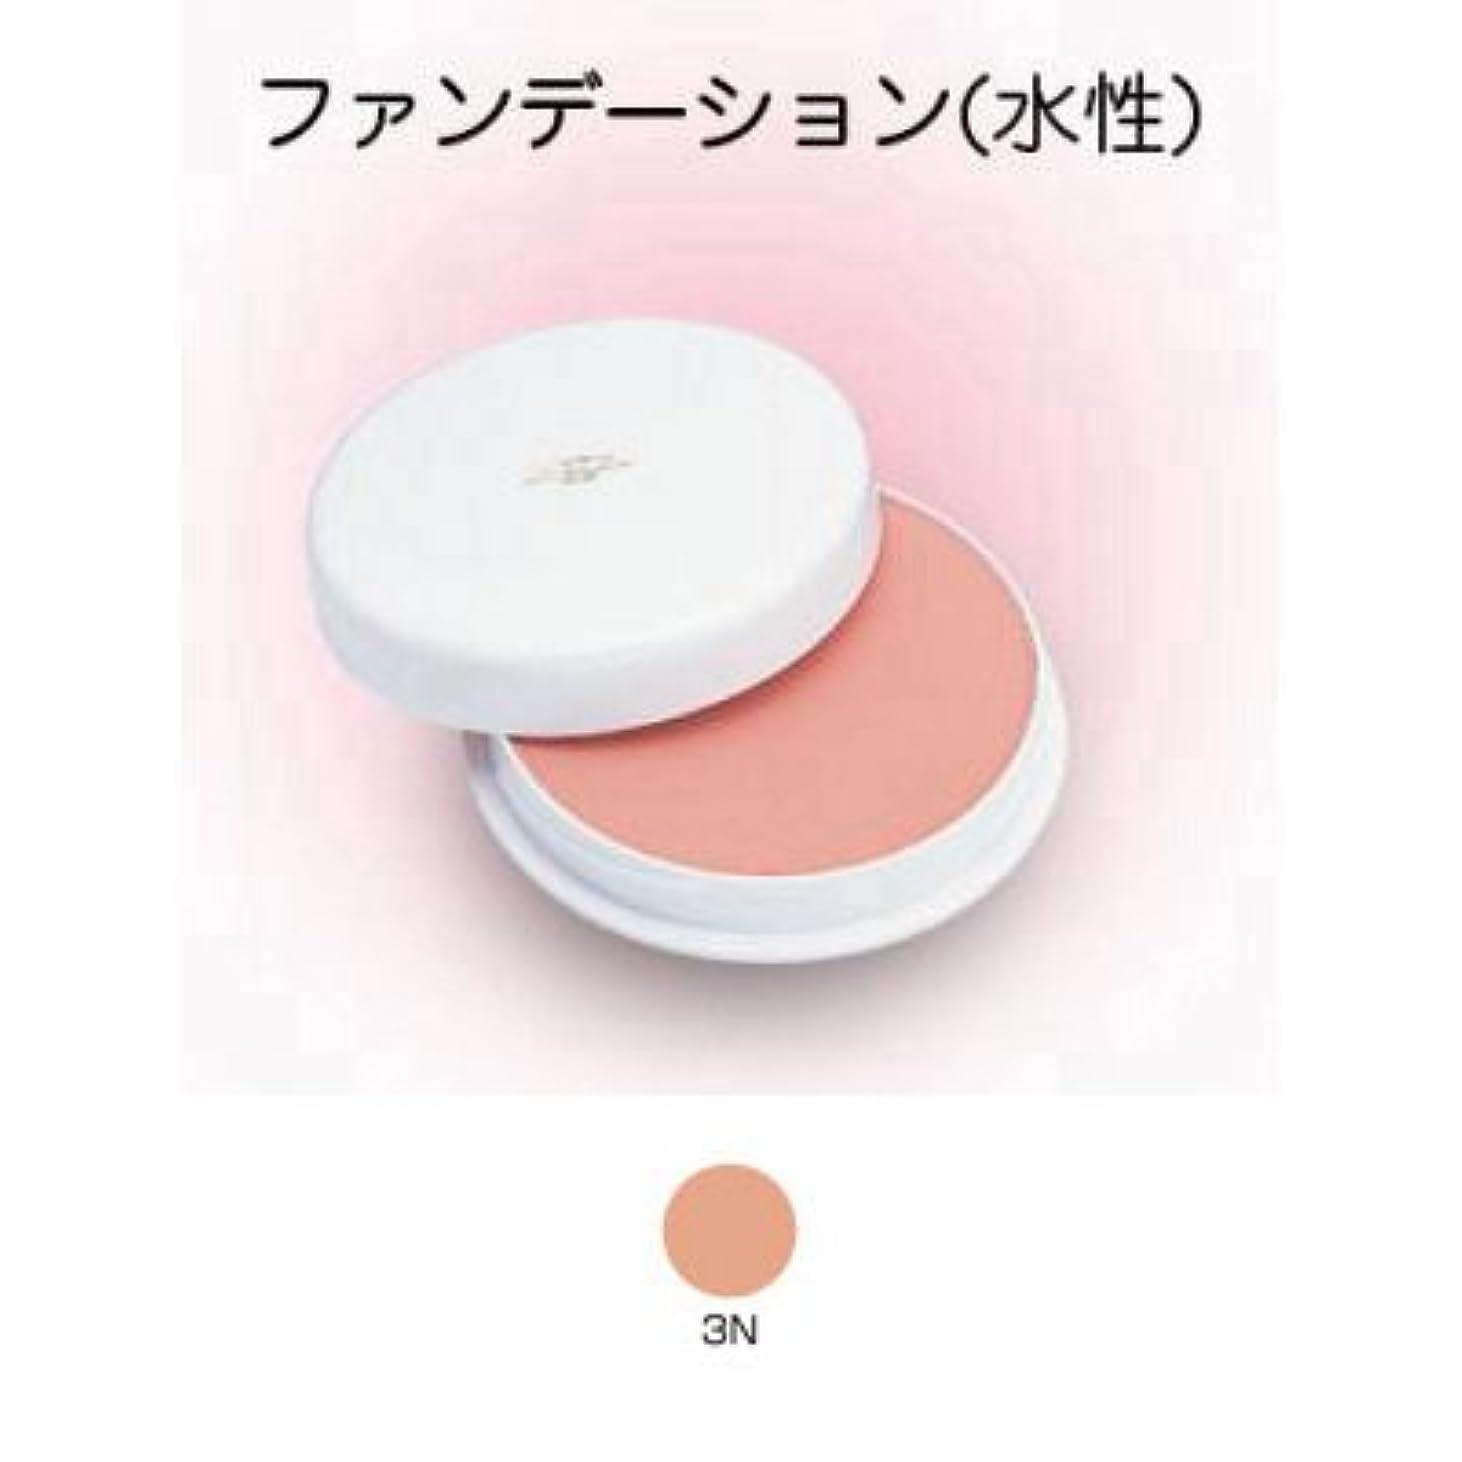 シルクインフレーションバースフェースケーキ 60g 3N 【三善】